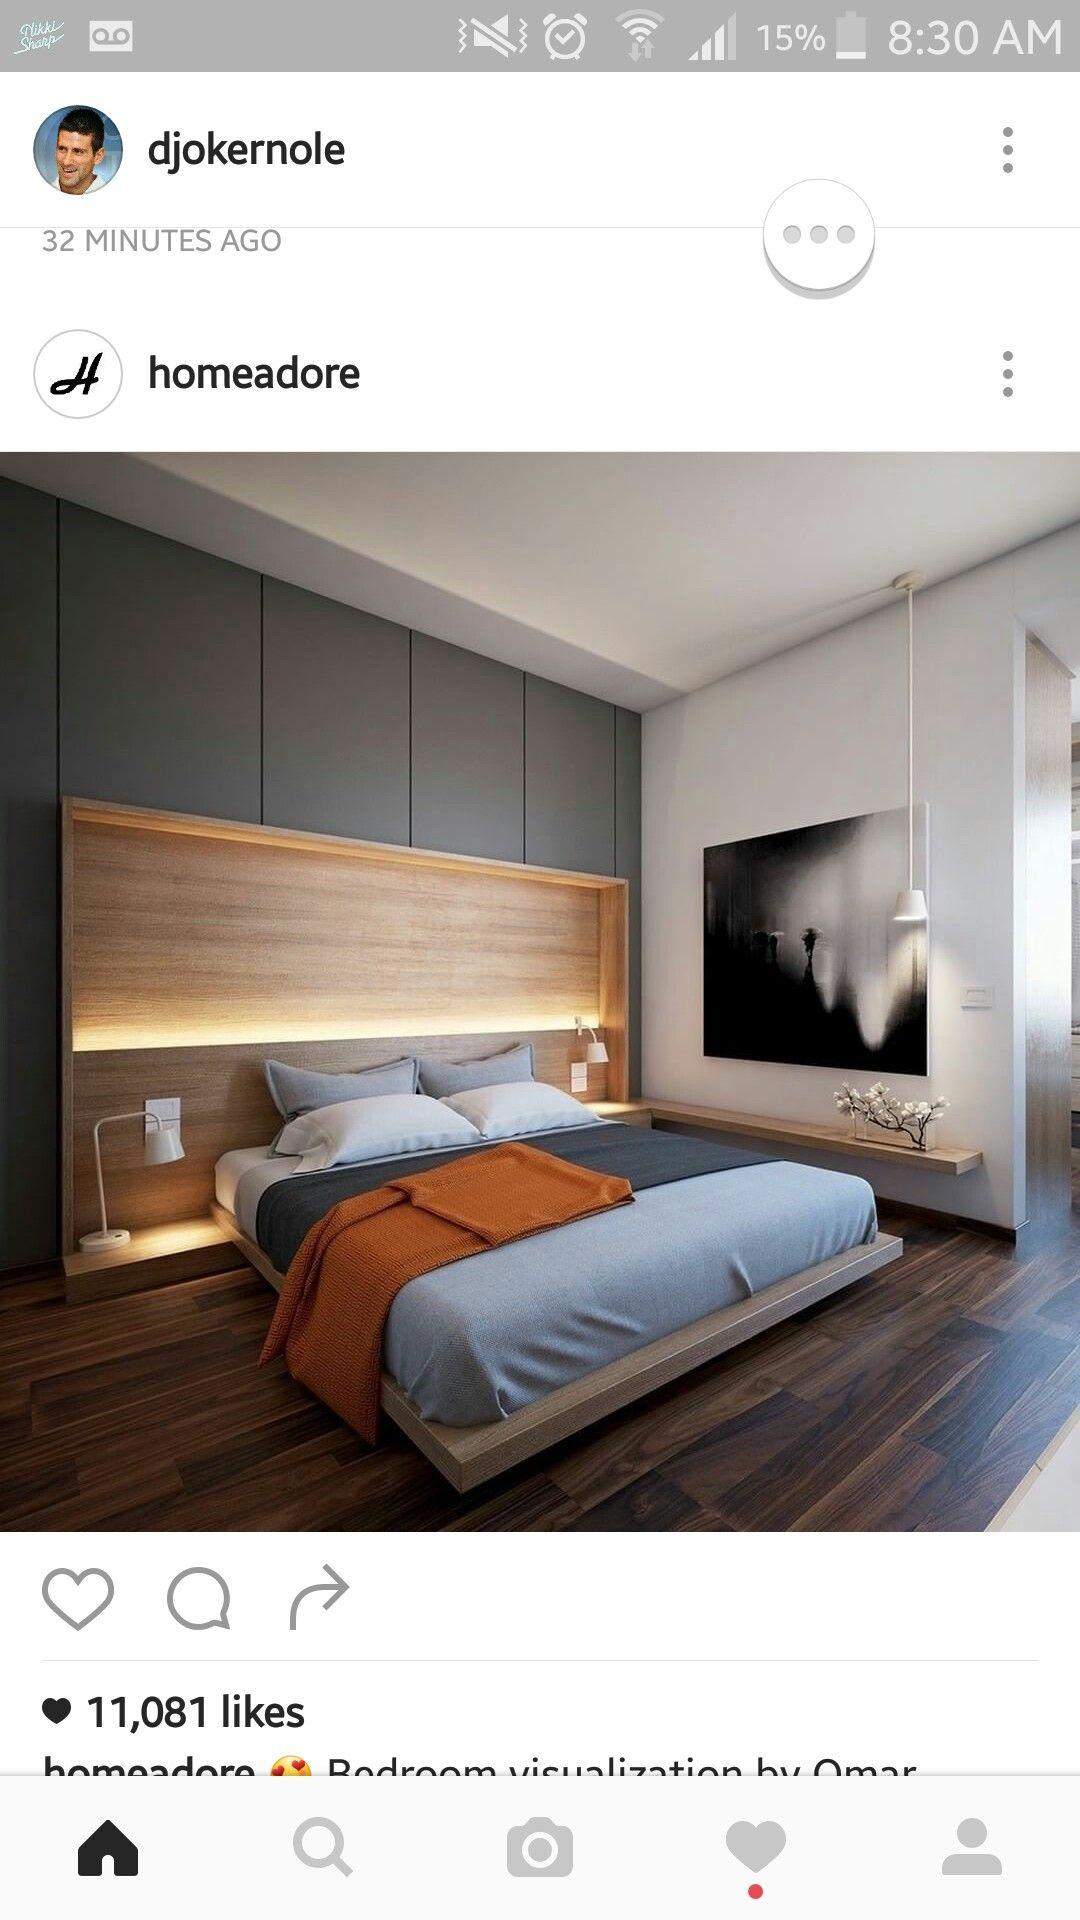 Ledge with photo for j&l bedroom | BEDROOM | Pinterest | Kopfteile ...